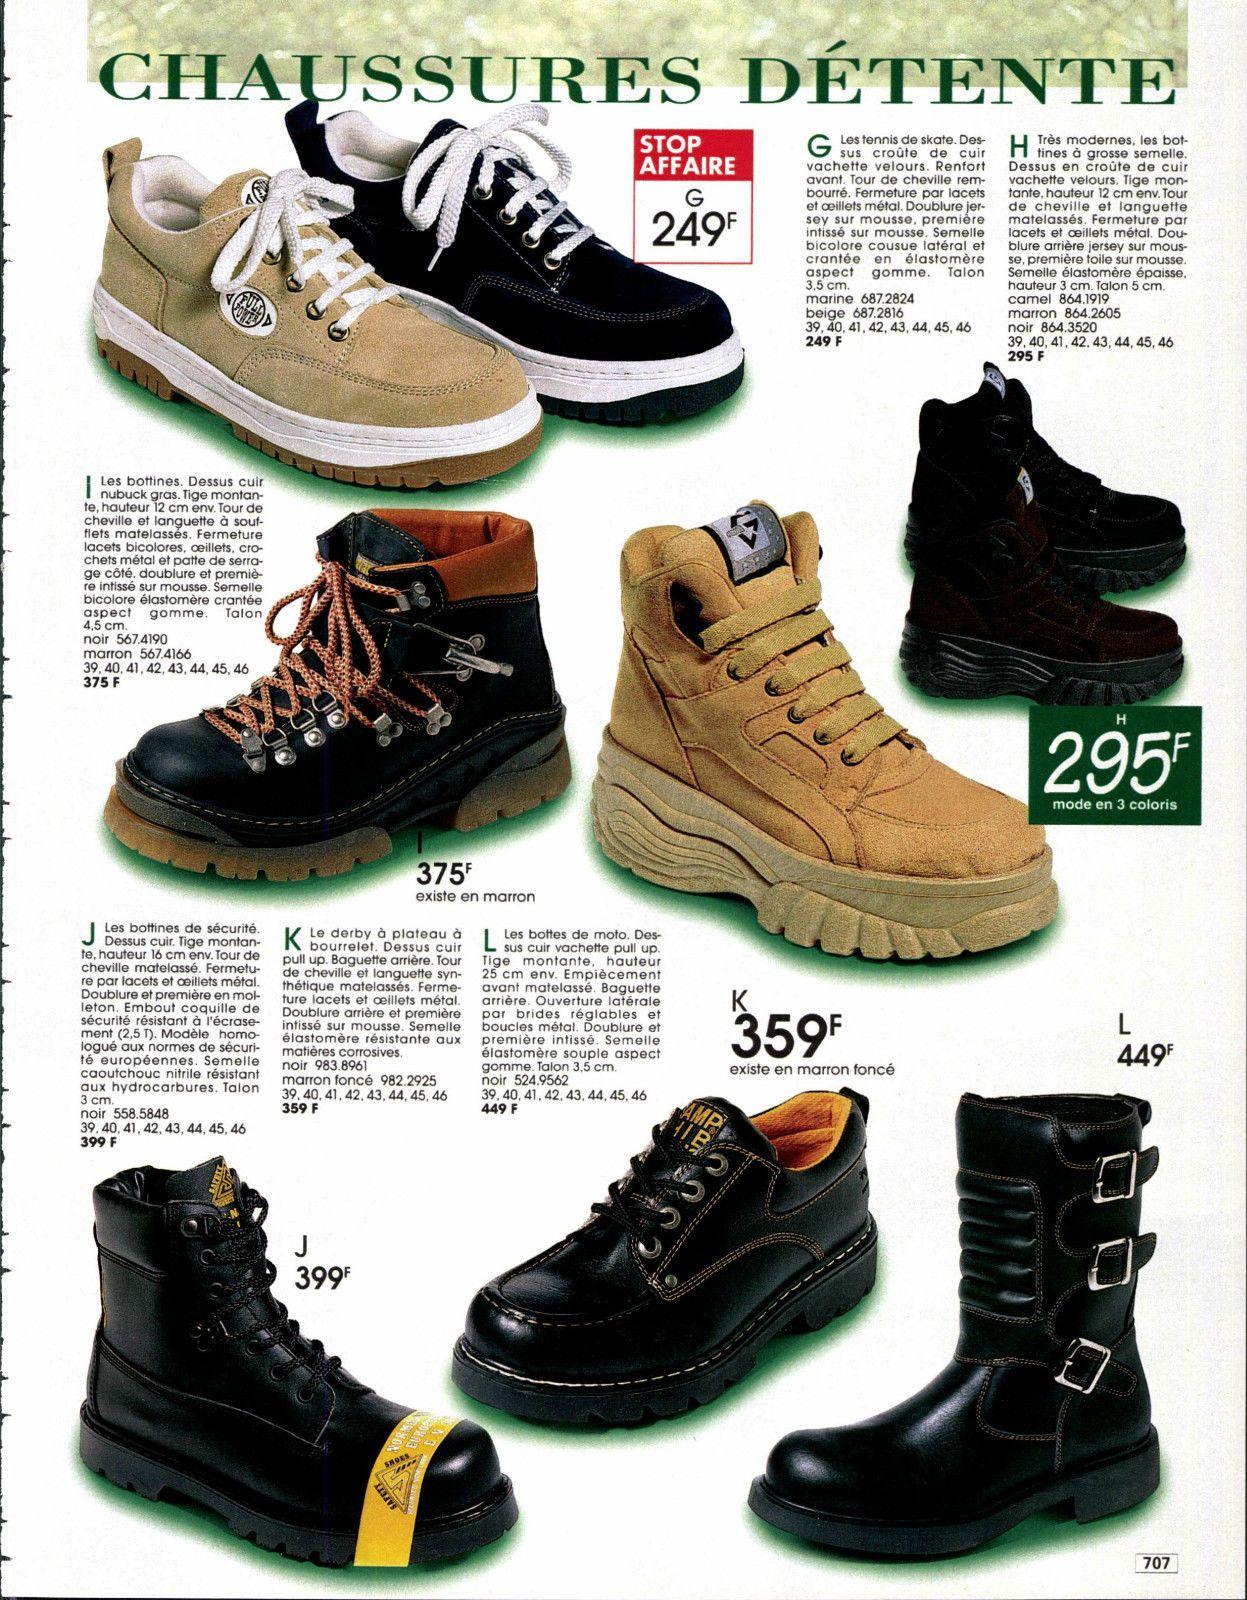 sale Durchsuchen Sie die neuesten Kollektionen speziell für Schuh Pin on 90s Fashion Inspo